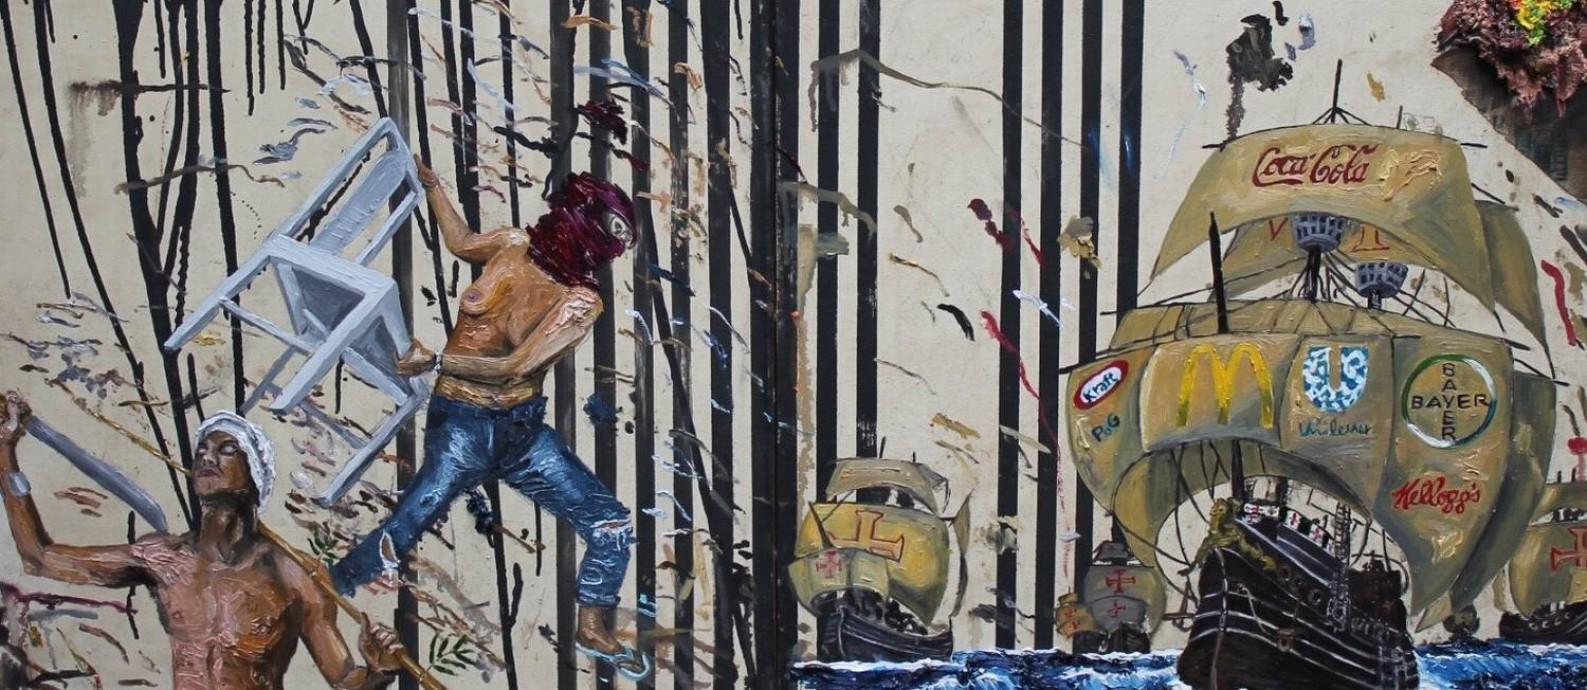 """Obra """"Nois é resistência e num arrega"""", de Camila Soato, presente à bienal: 'Triangulo Atlântico' é o tema Foto: Divulgação"""